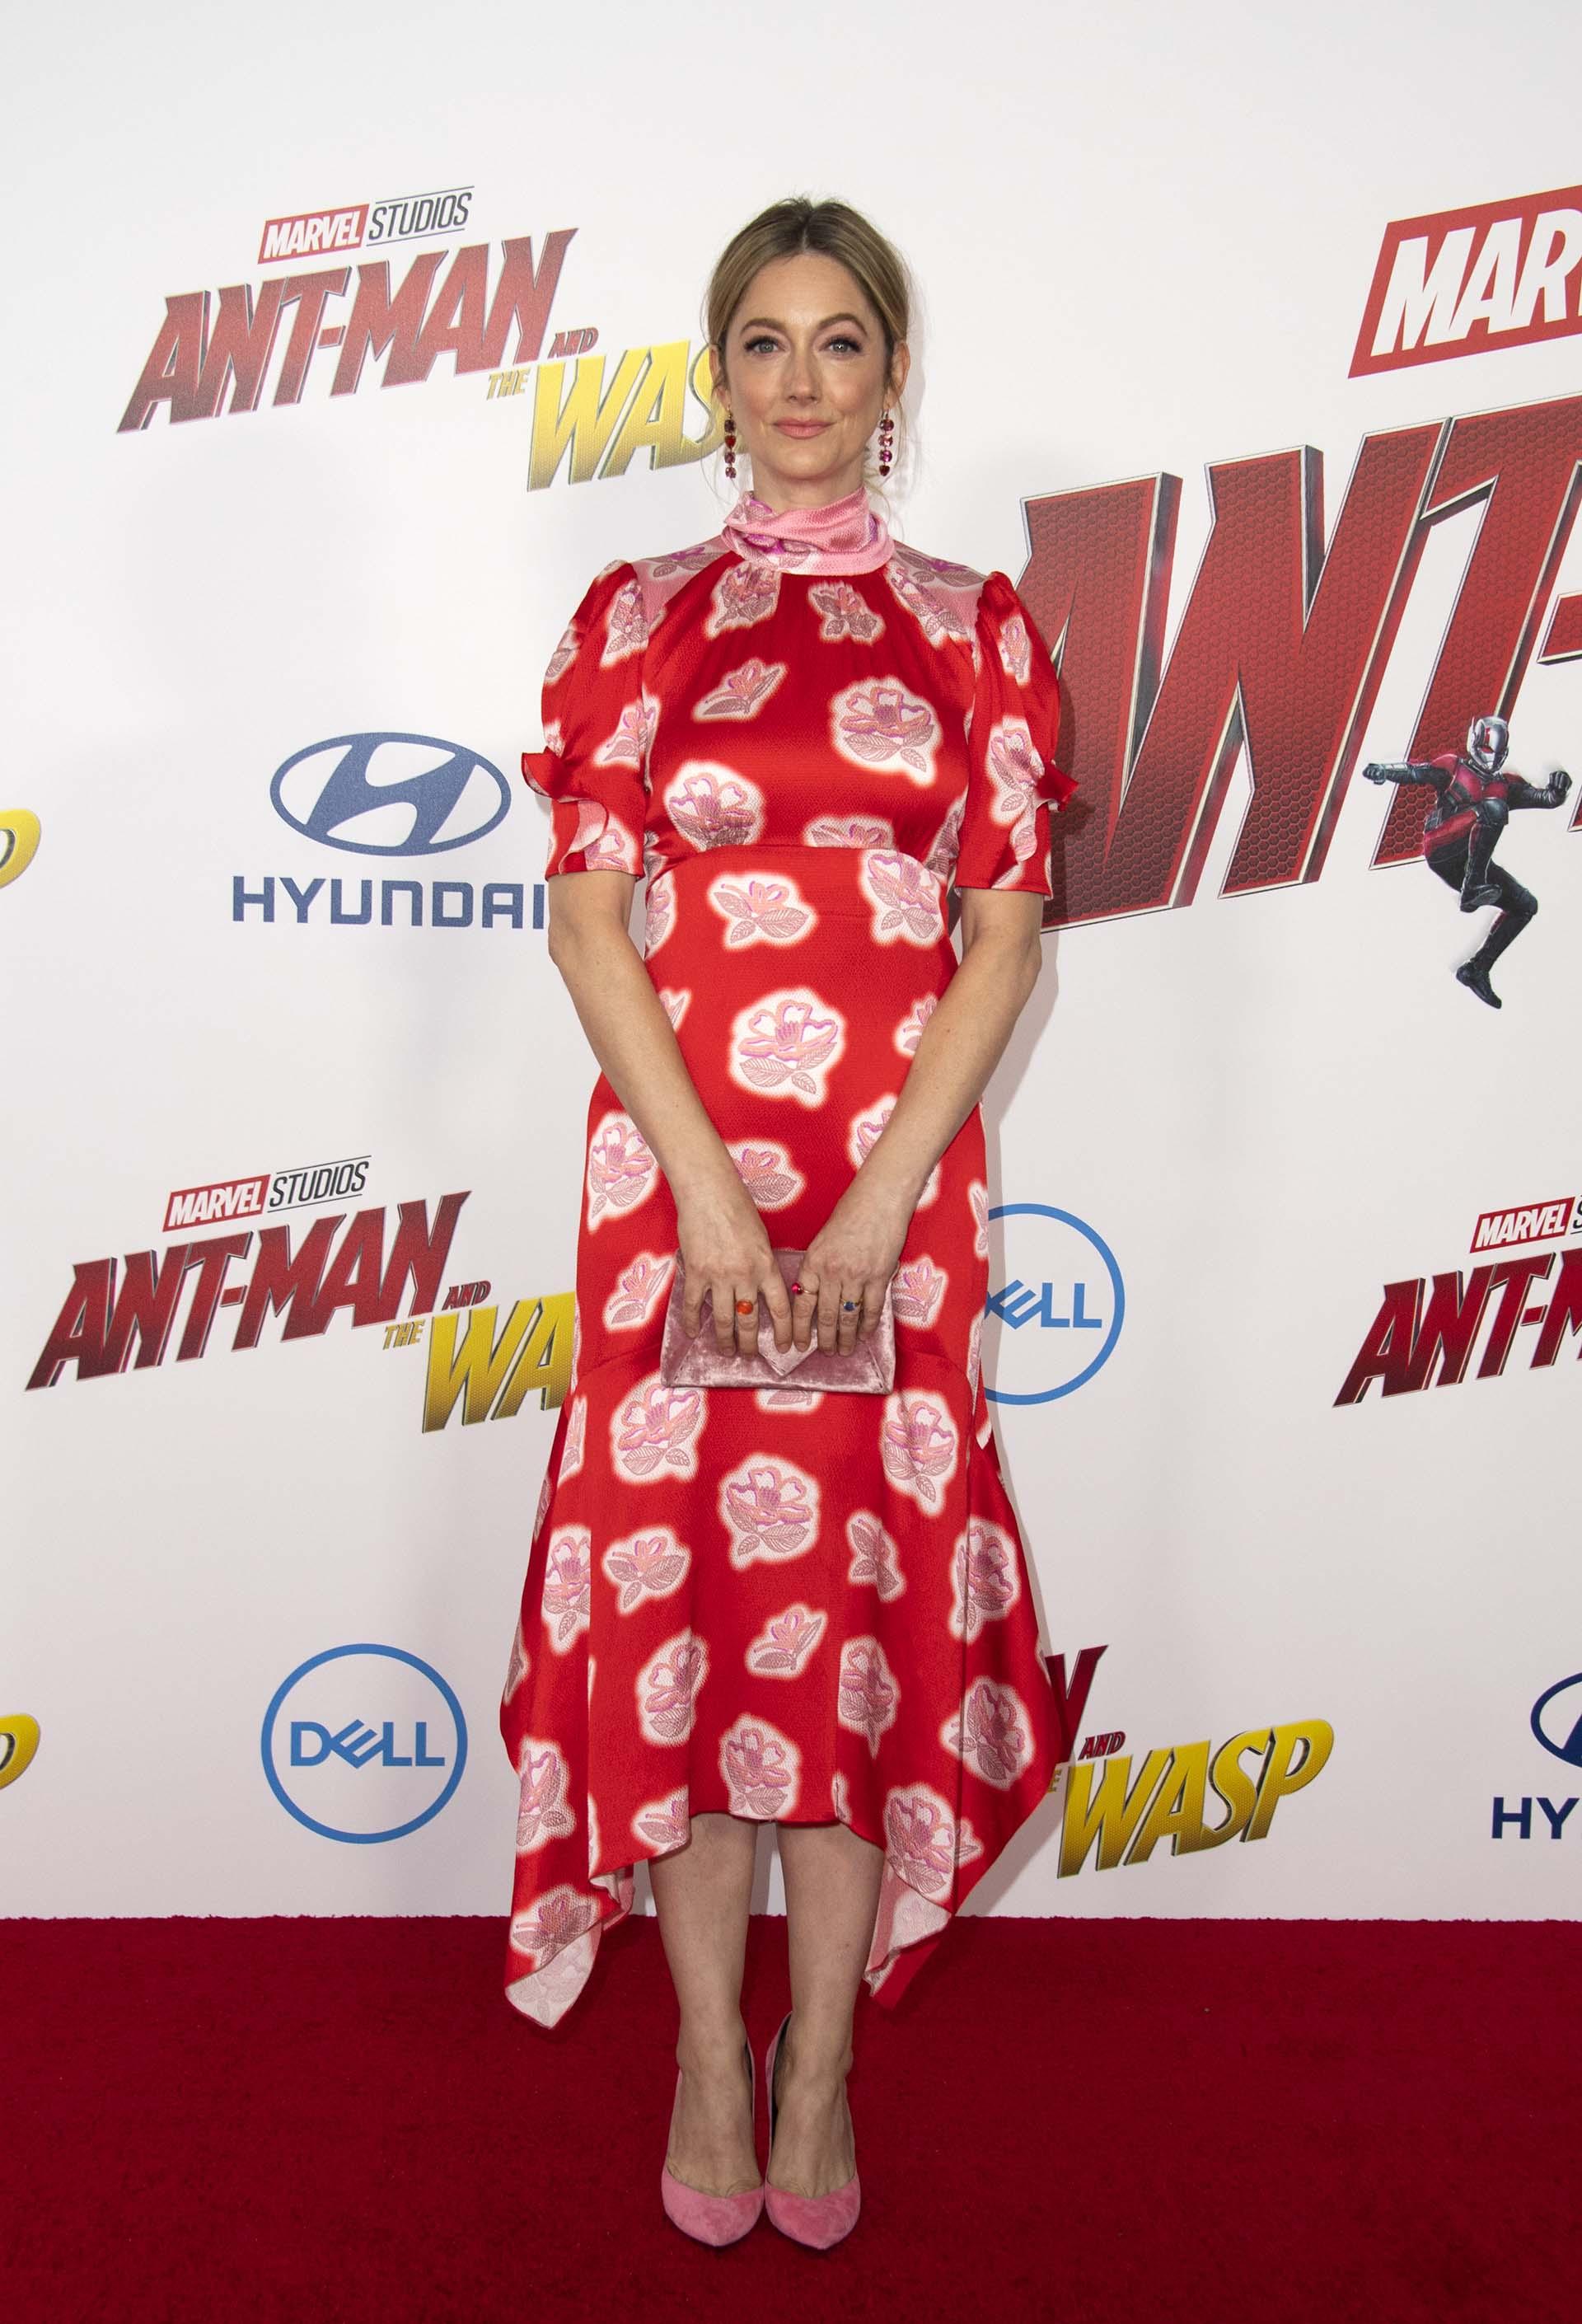 La actriz Judy Greer también pasó por la red carpet y lució un vestido con estampa floral /// Fotos: AFP